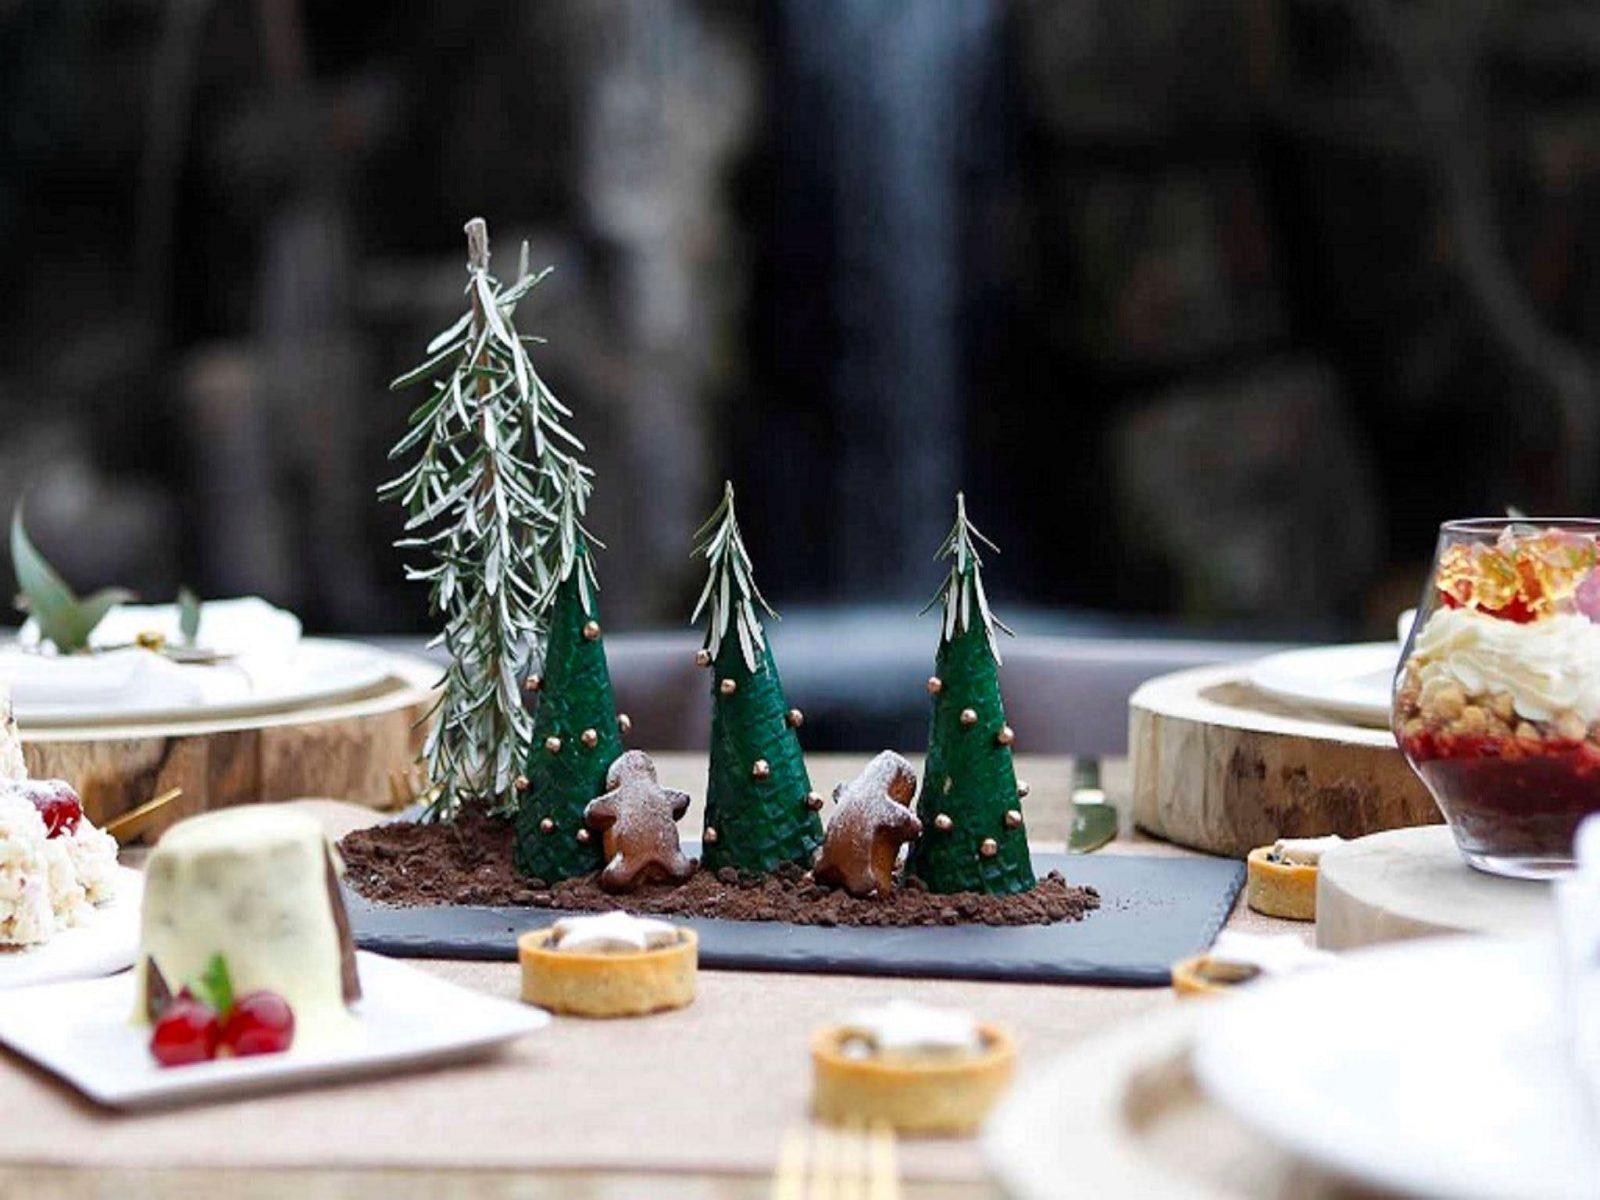 A Christmas Setting